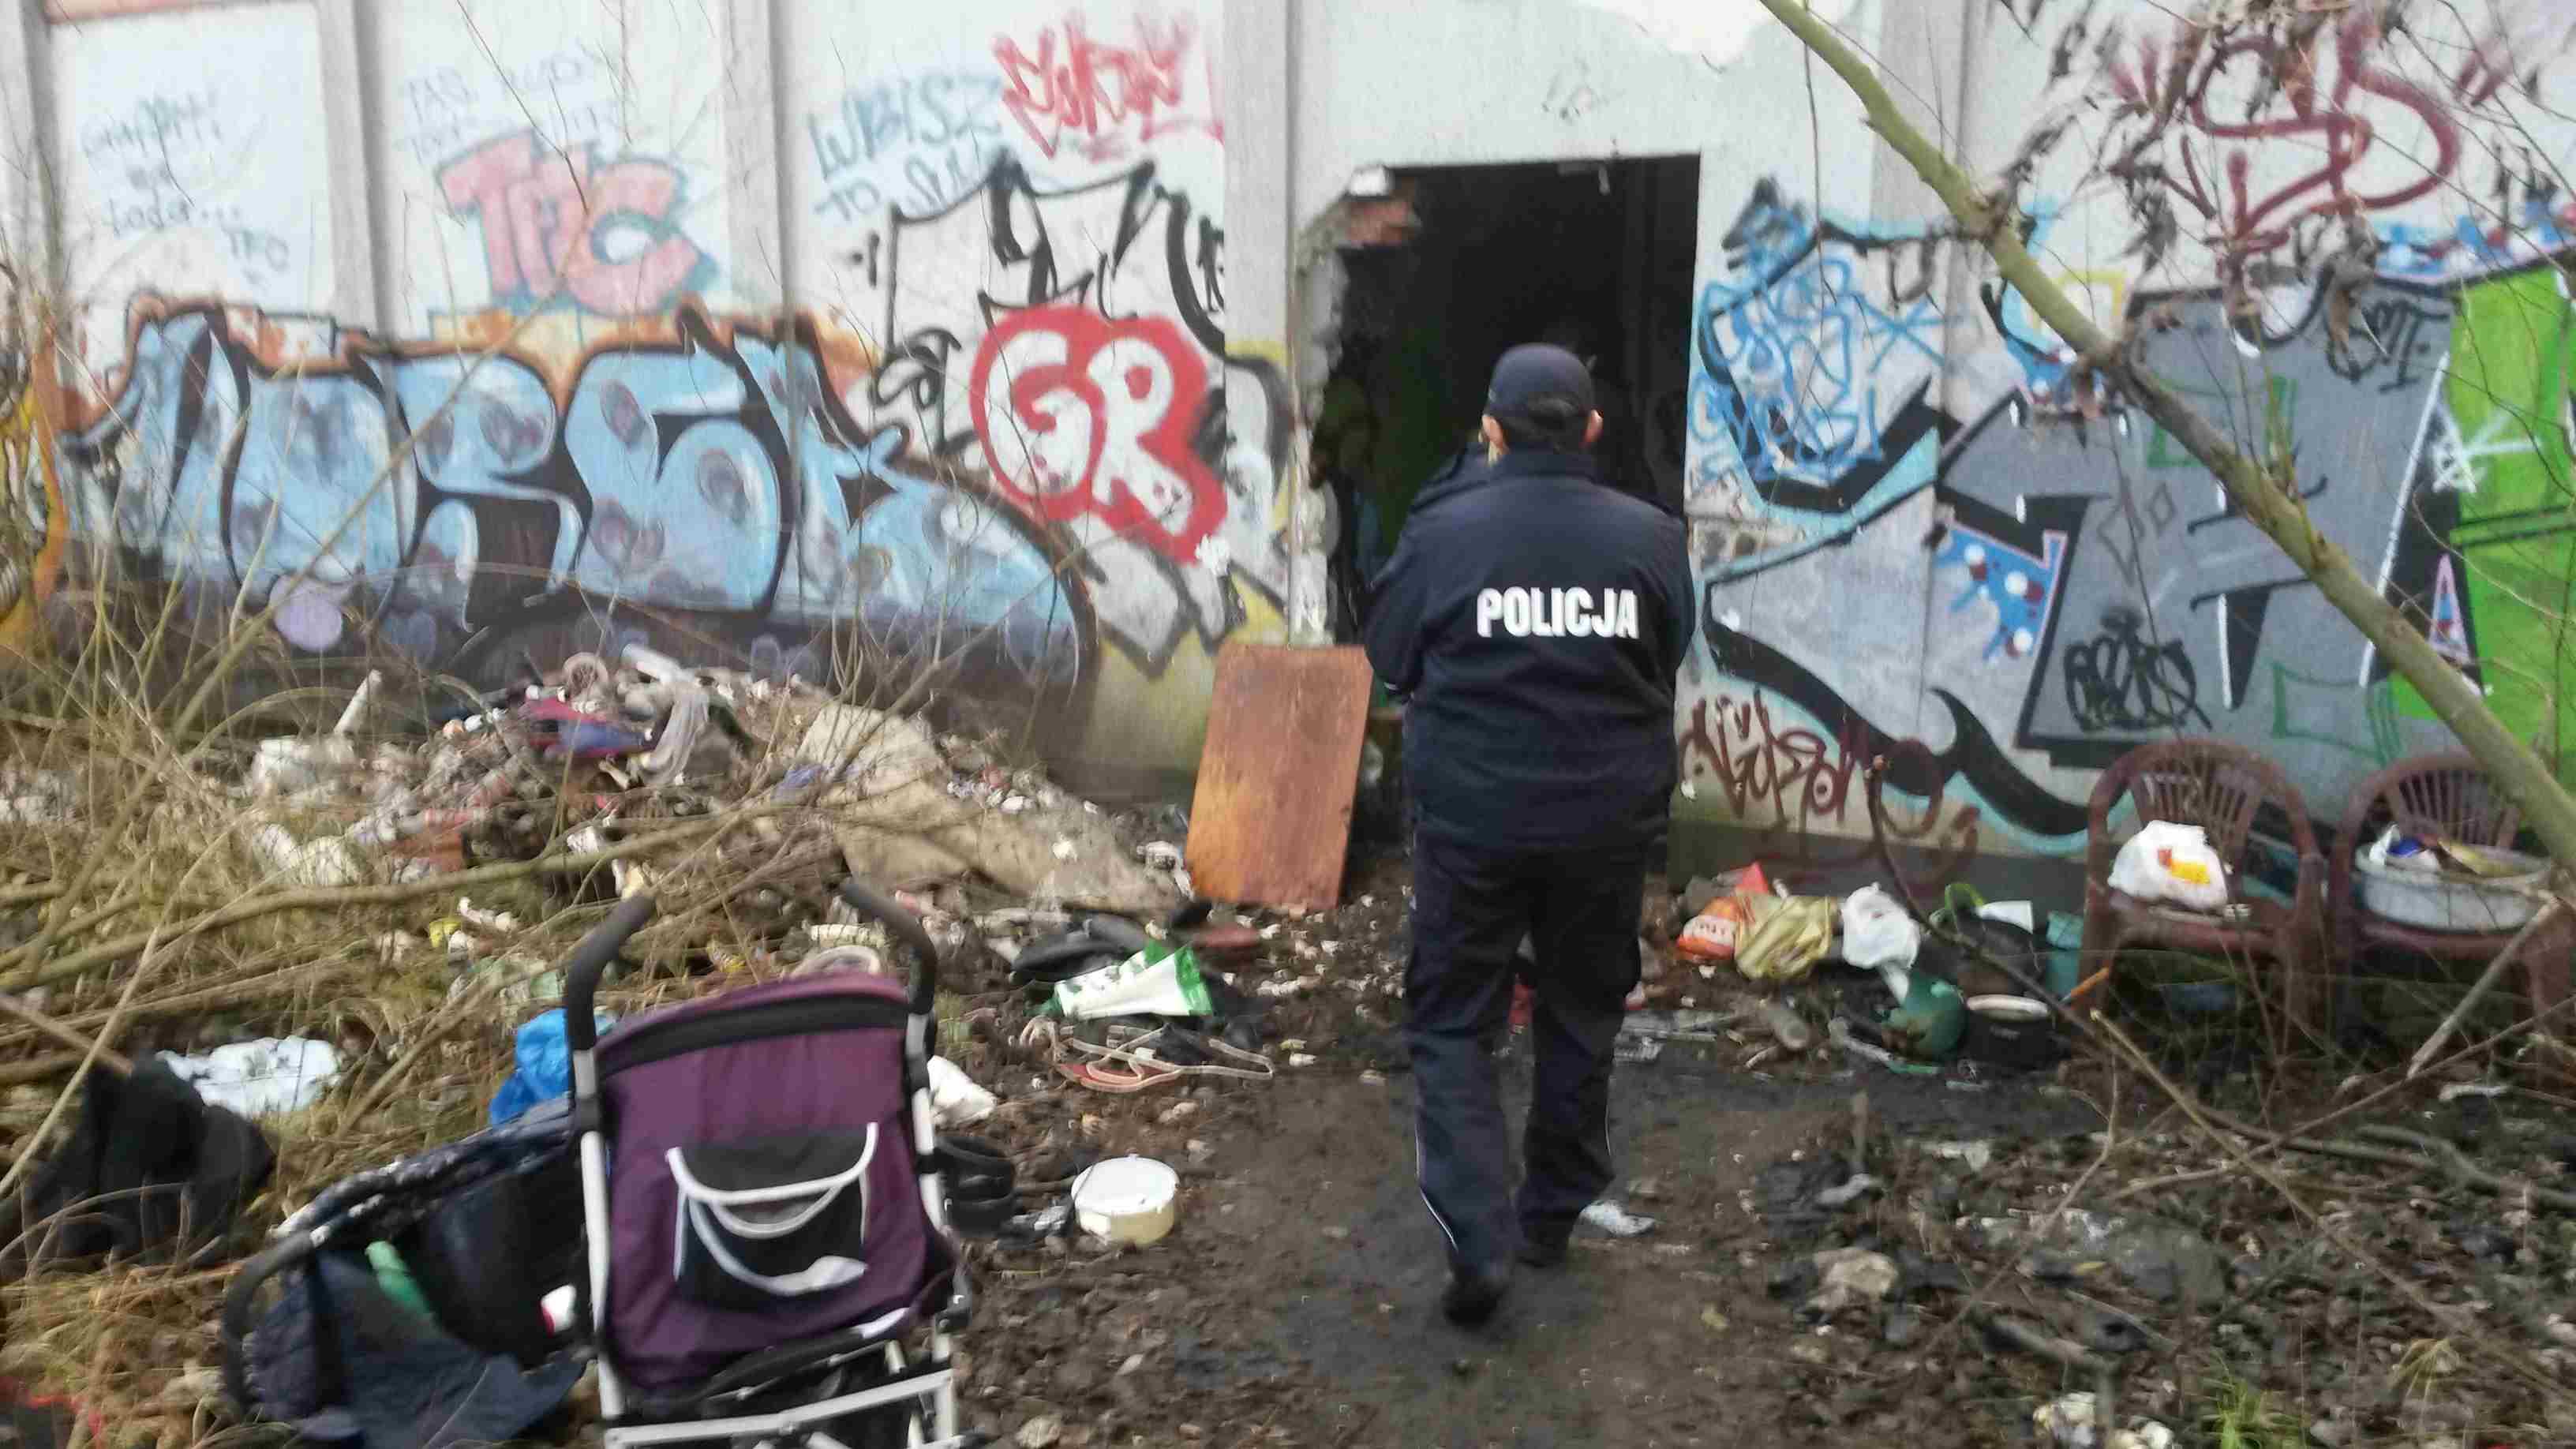 przekazali paczki bezdomnym, pustostan - Jacek Butlewski